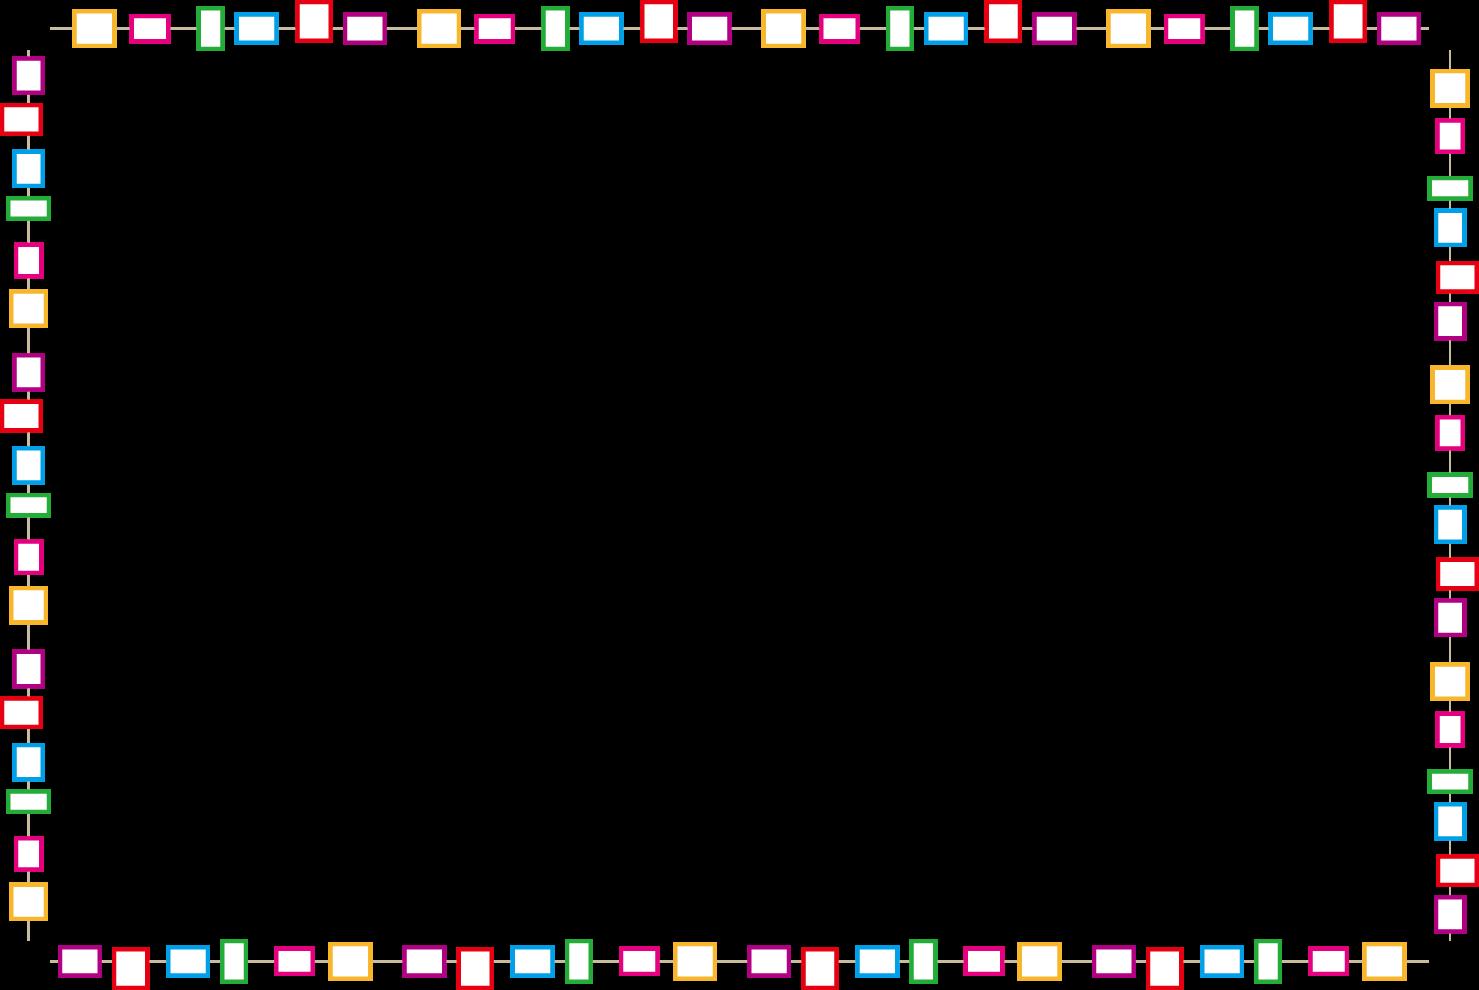 イラスト枠飾り線無料イラスト素材